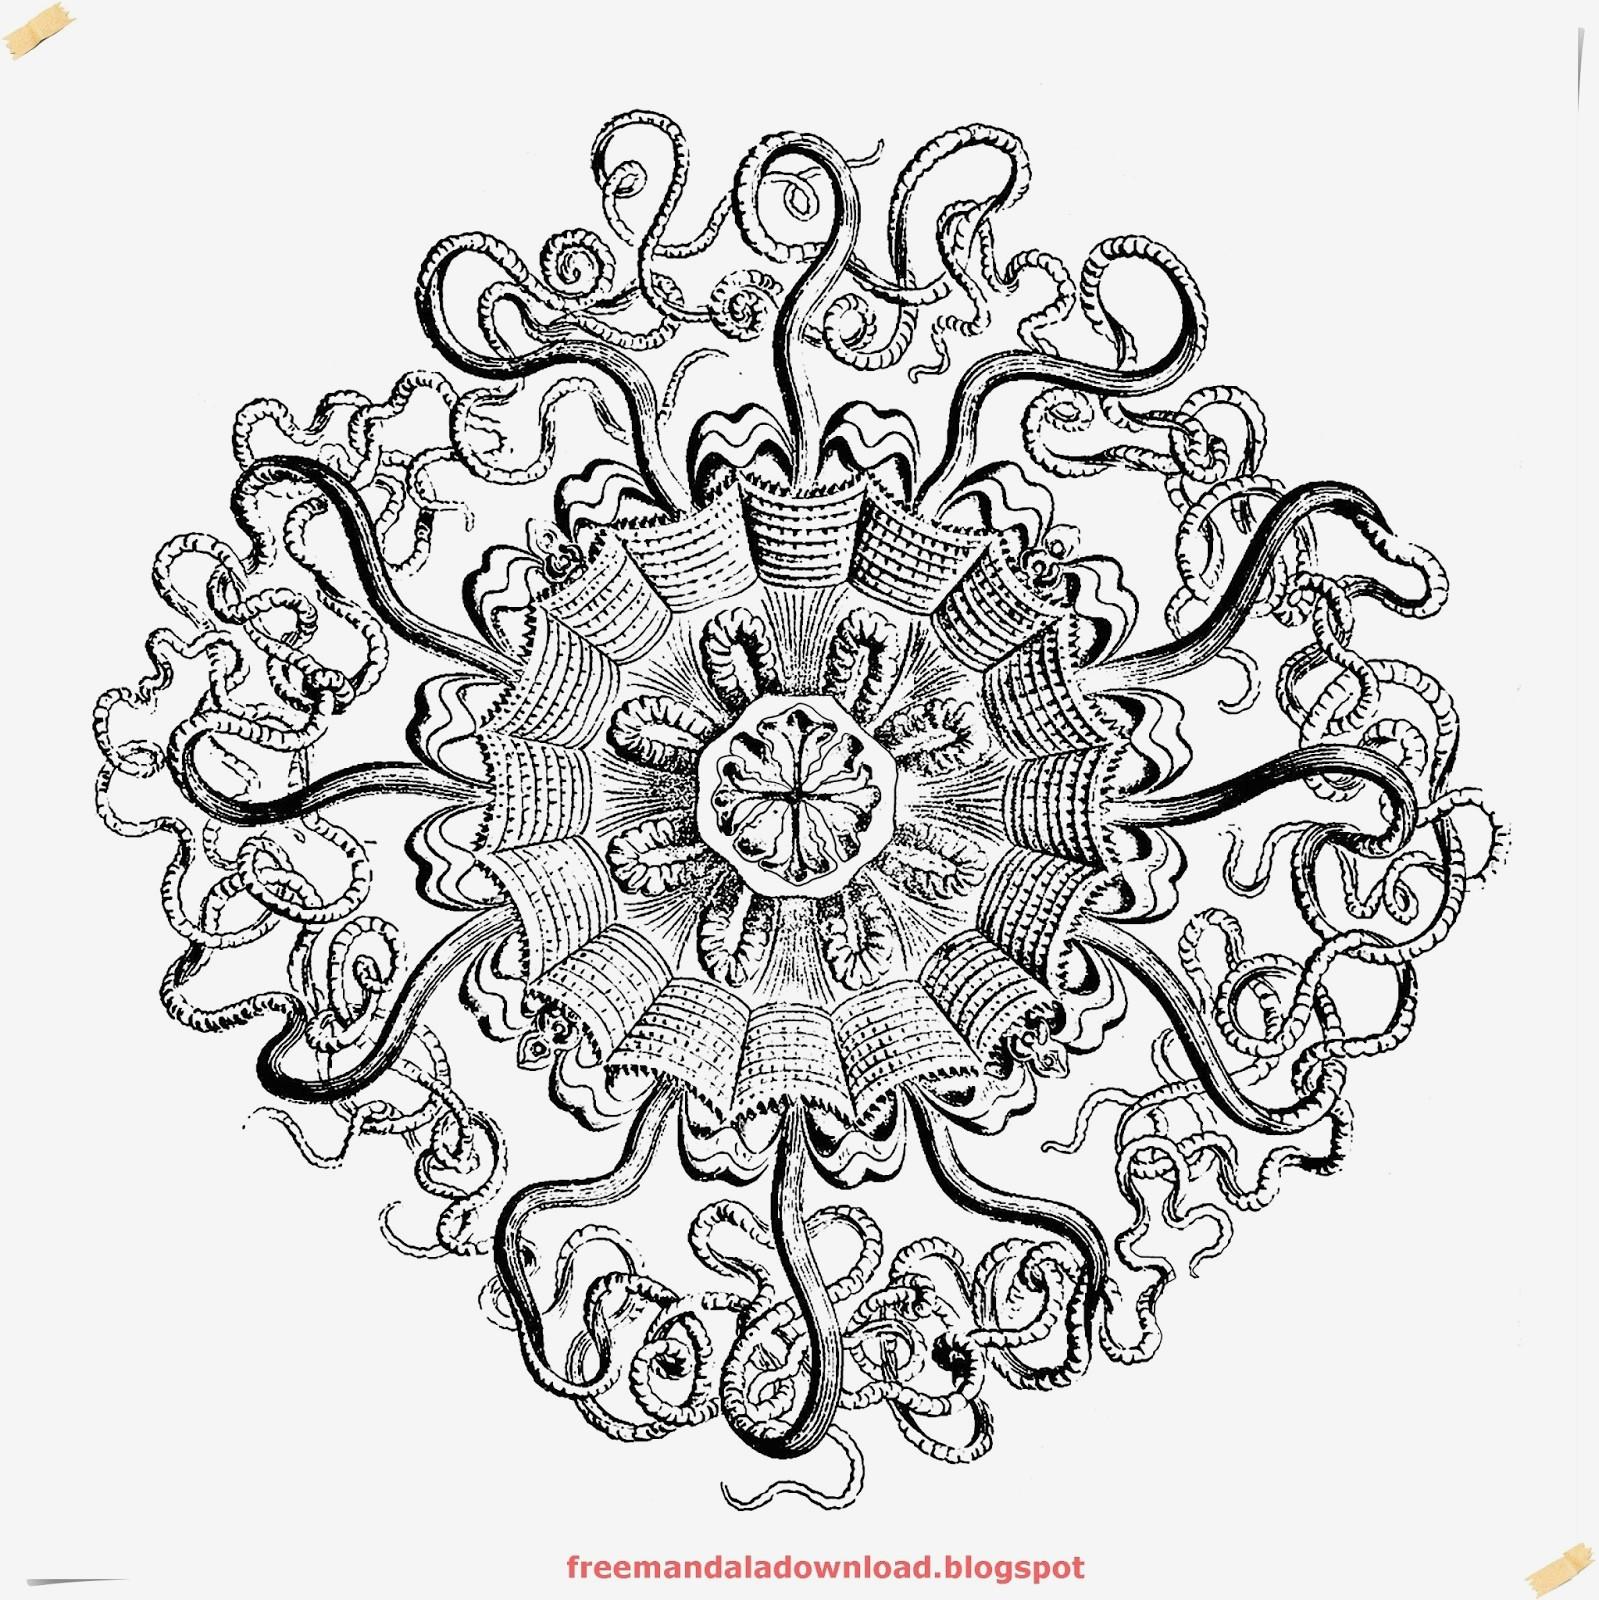 Mandala Zum Ausdrucken Erwachsene Genial Spannende Coloring Bilder Ausmalbilder Für Erwachsene Stock